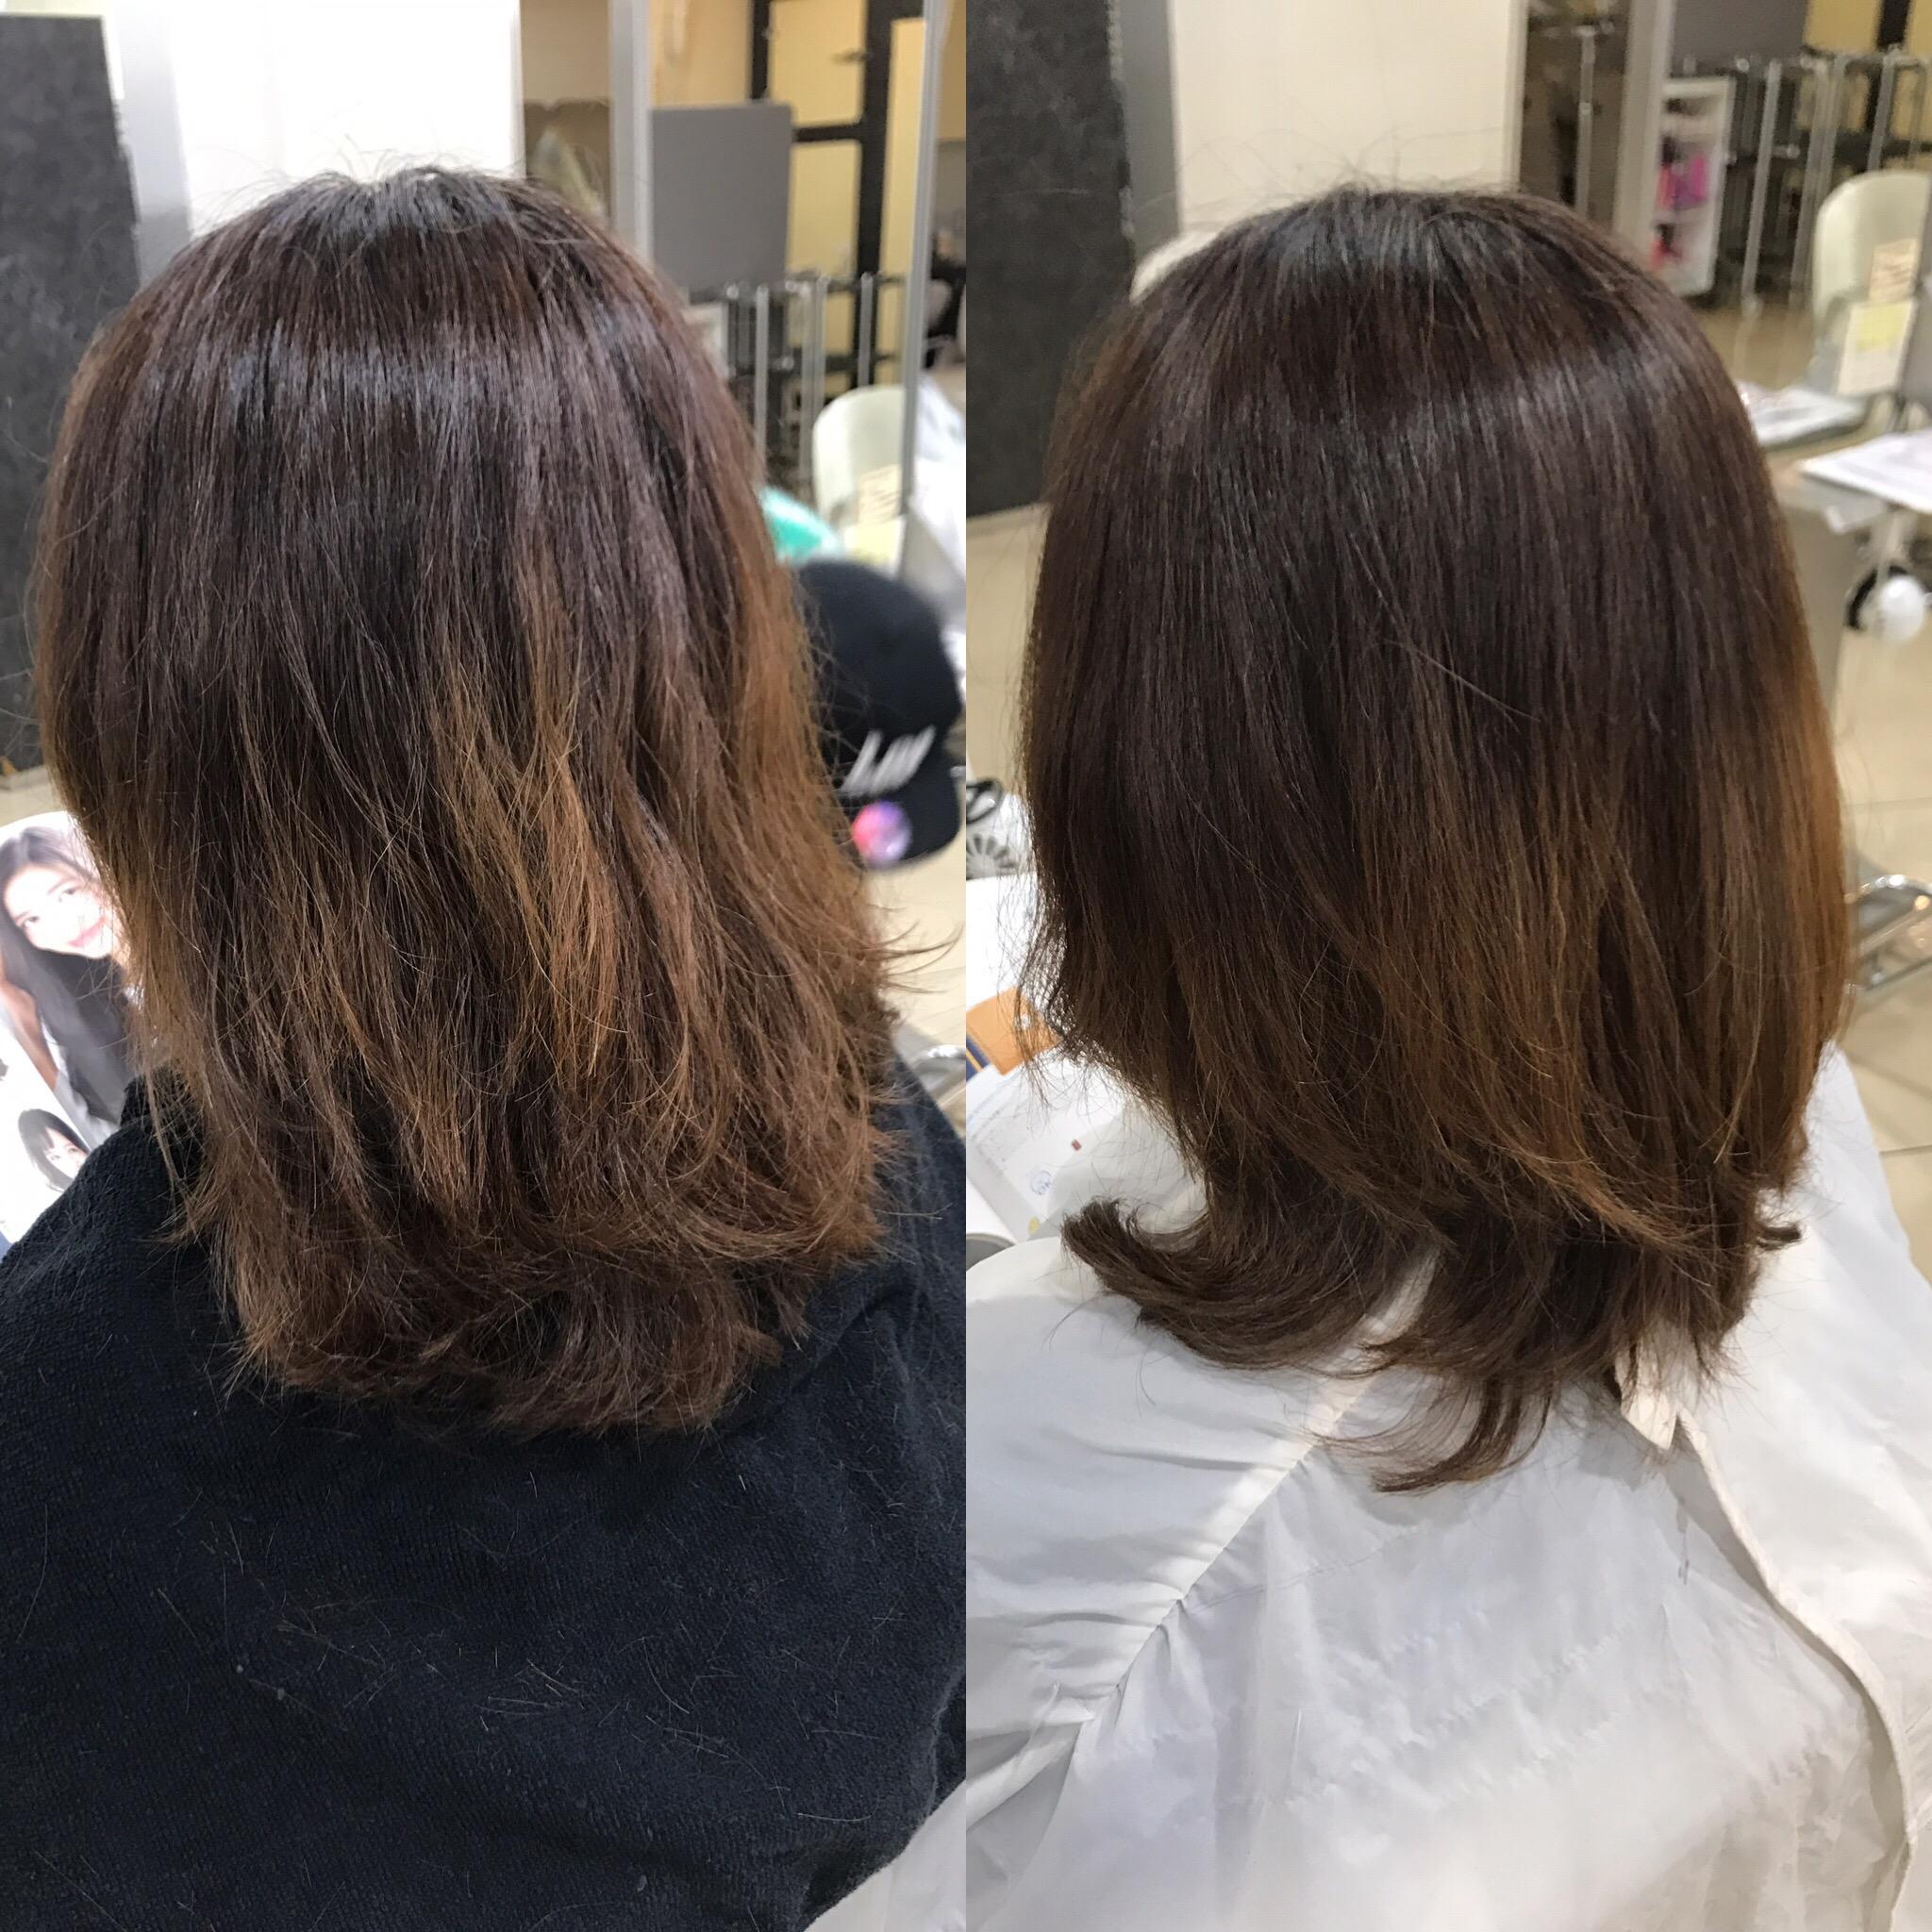 【復元トリートメント】は根元の『ペタン』にはなりにくい処方です。髪のお悩みに合わせた処方ができるのも魅力です^ ^